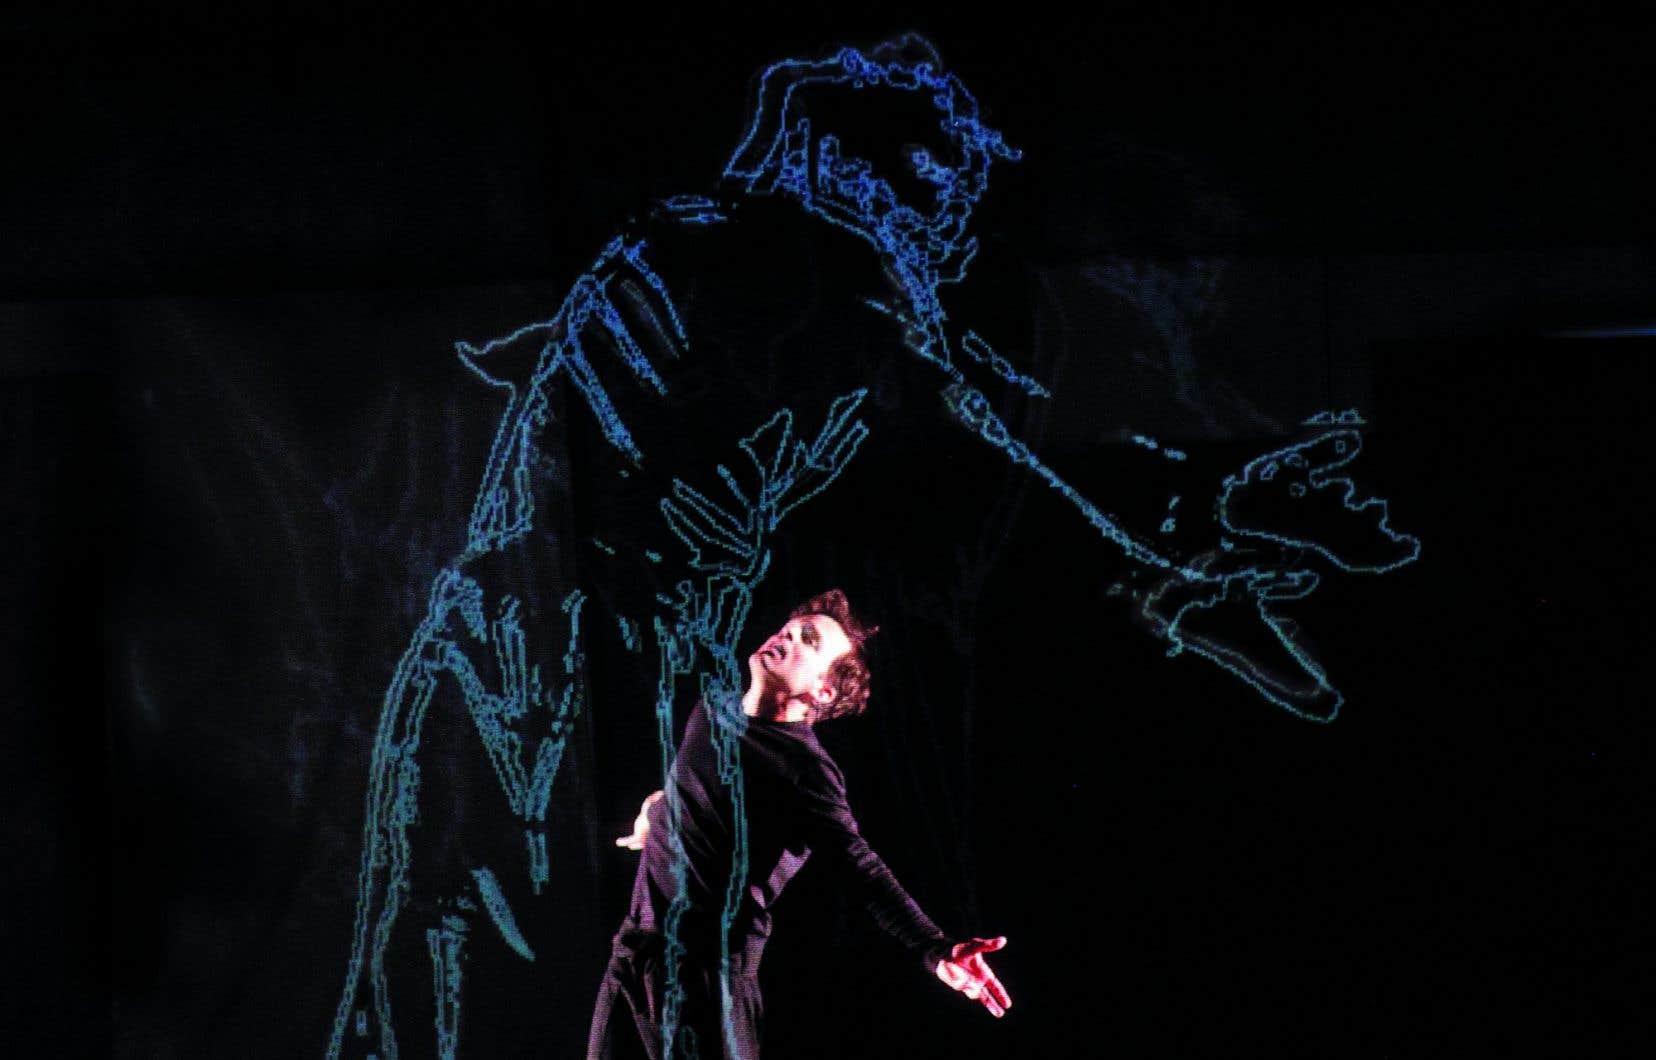 Les poses, attitudes et gestes que l'acteur Marc Beaupré adopte selon une partition précise sont captés en clair-obscur, puis projetés sous forme de silhouettes.